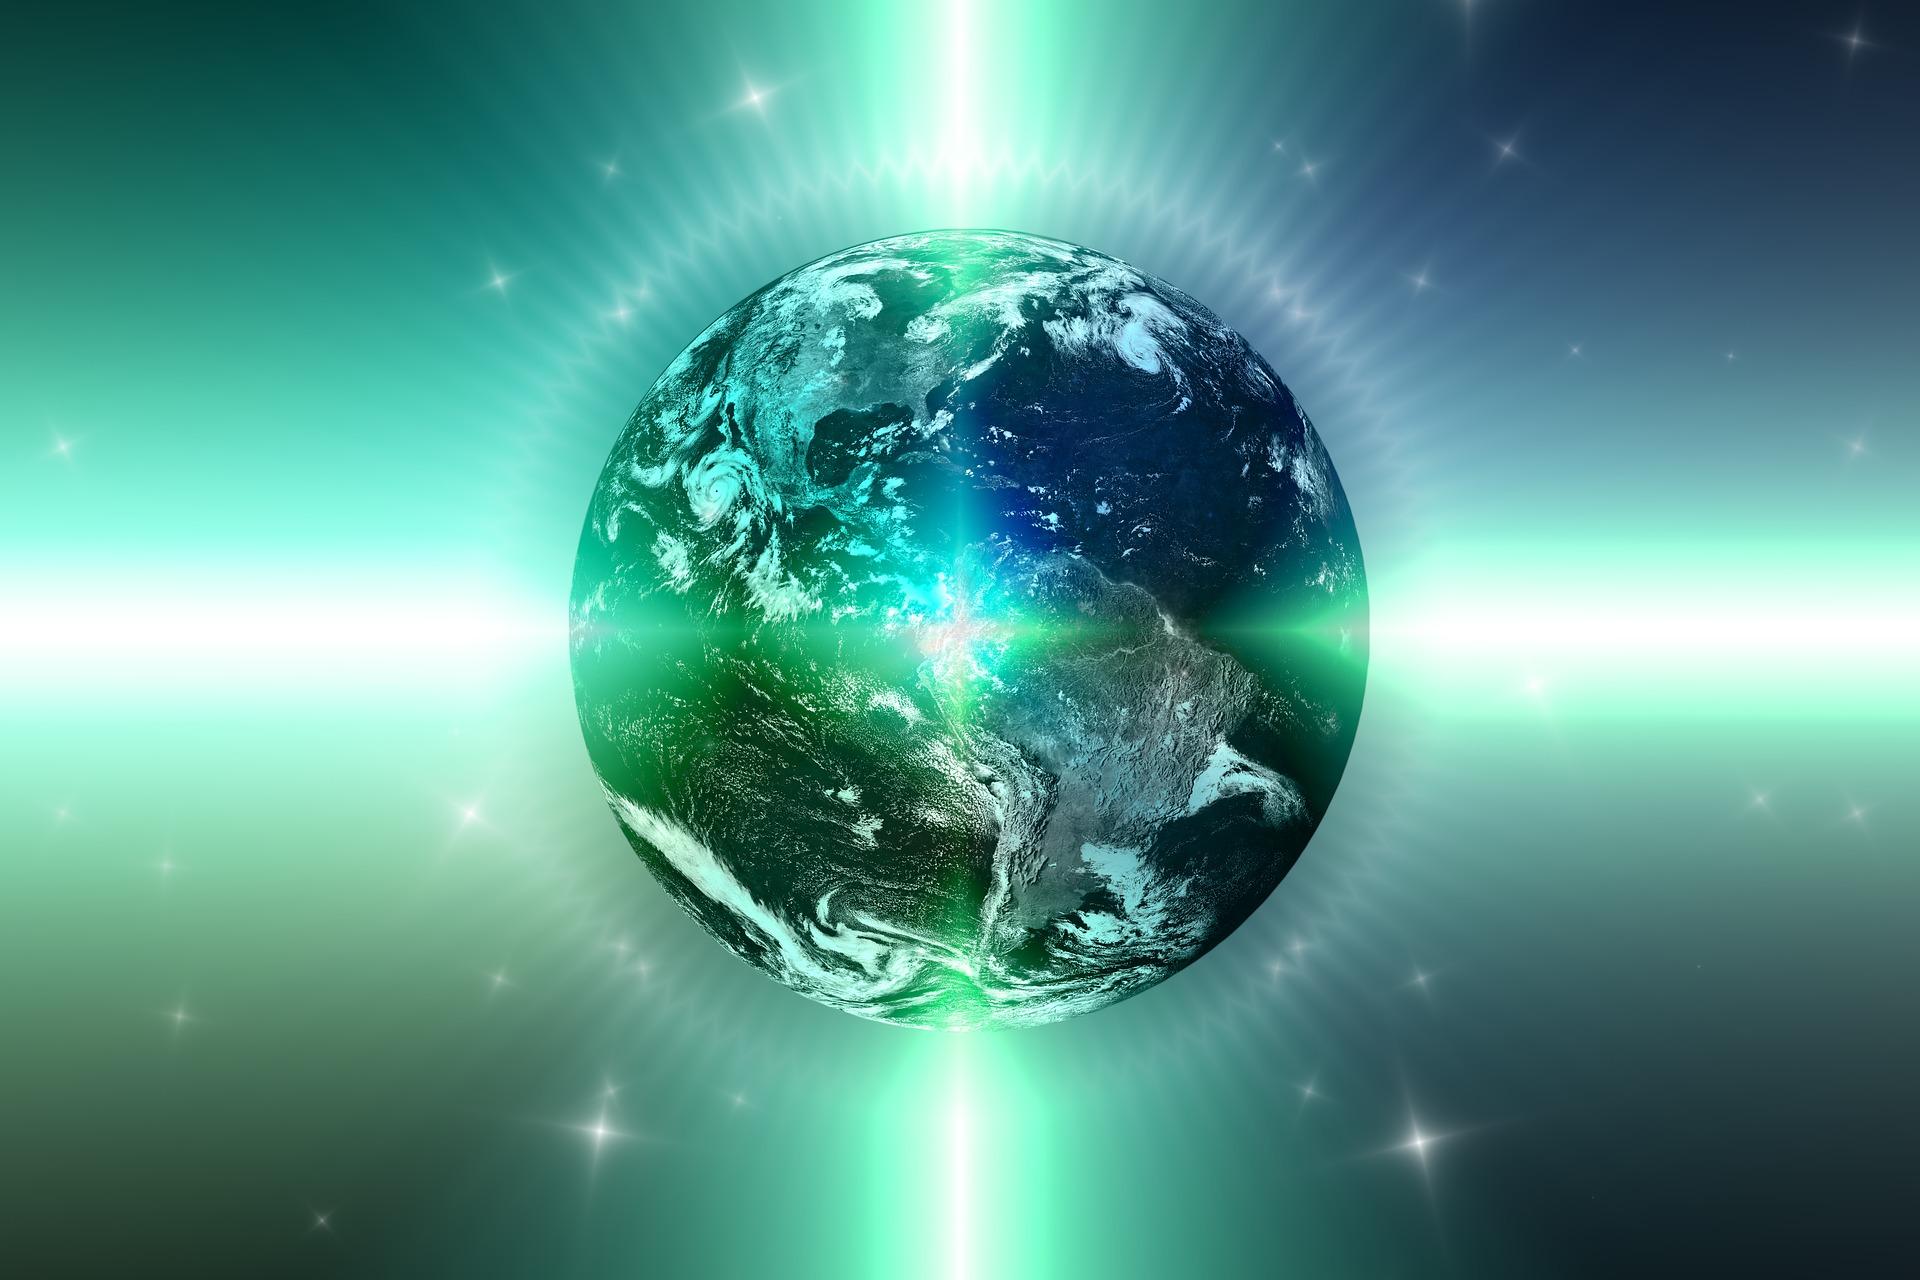 earth green energy Pixabay 4075006_1920